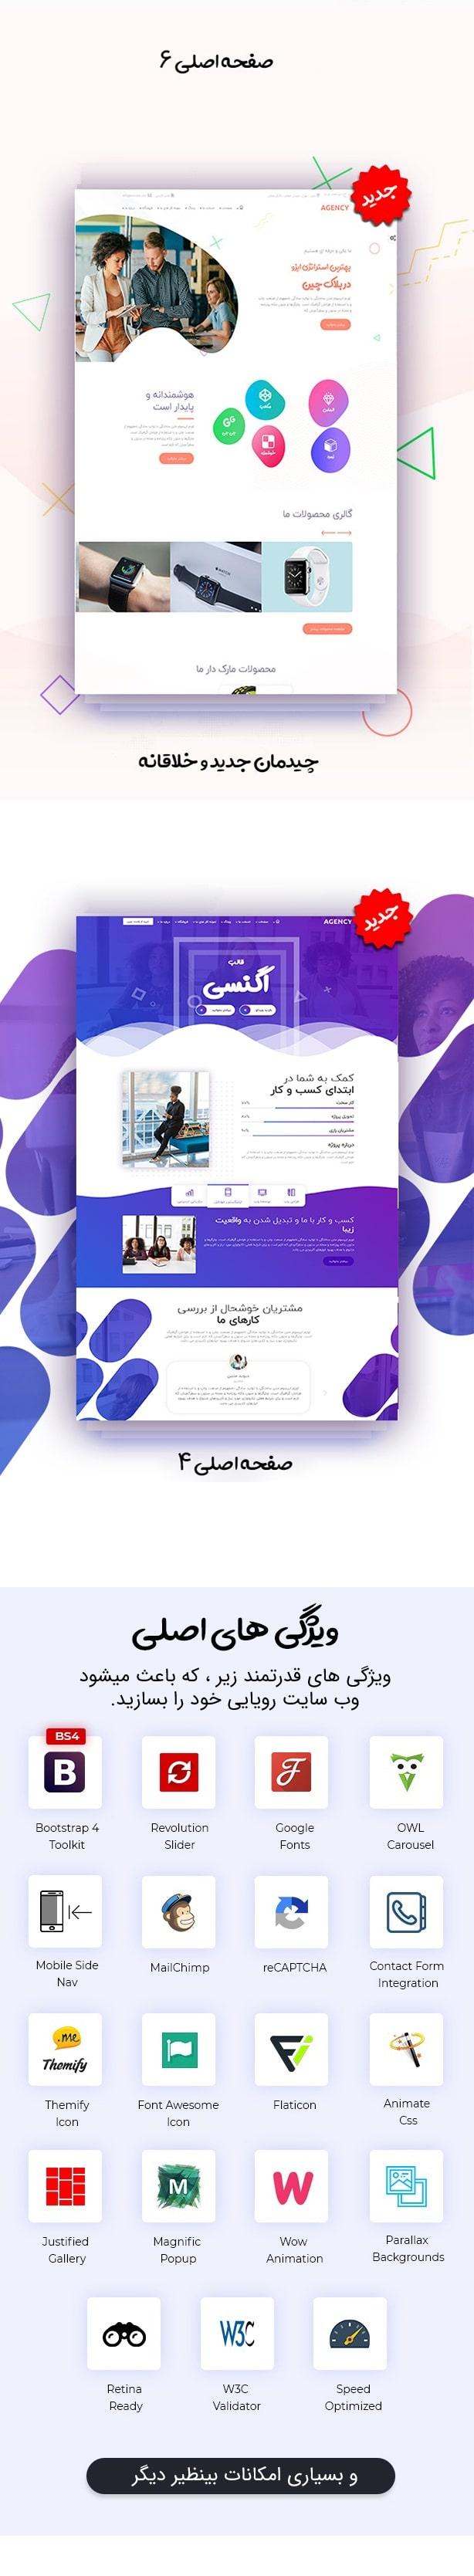 53452 0b74c48c82f07d5a015e4d7ee - قالب Agency | پوسته شرکتی و کسب و کار HTML